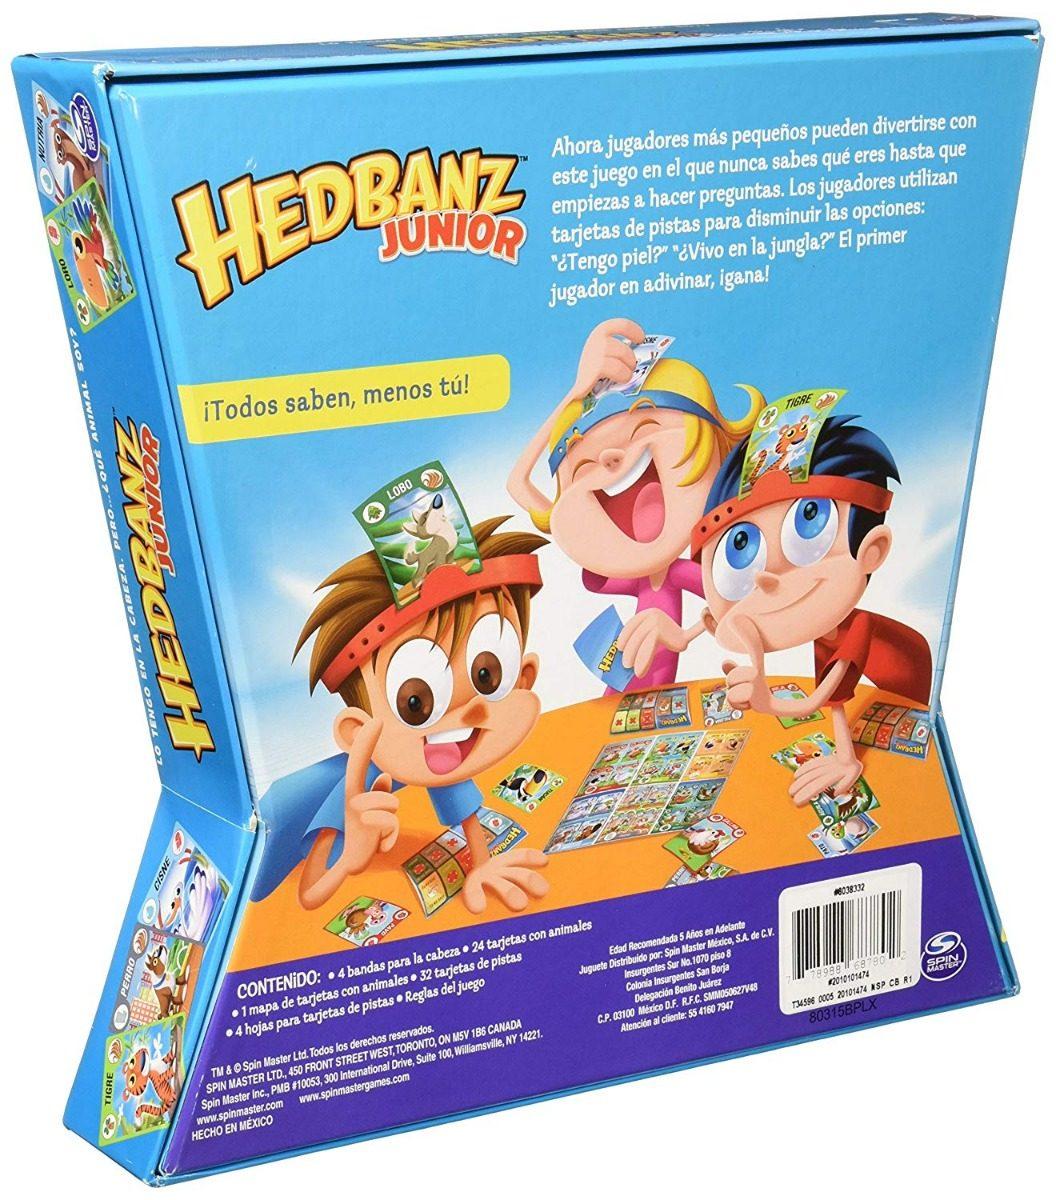 Spin Master Hedbanz Junior Juego De Mesa 219 00 En Mercado Libre